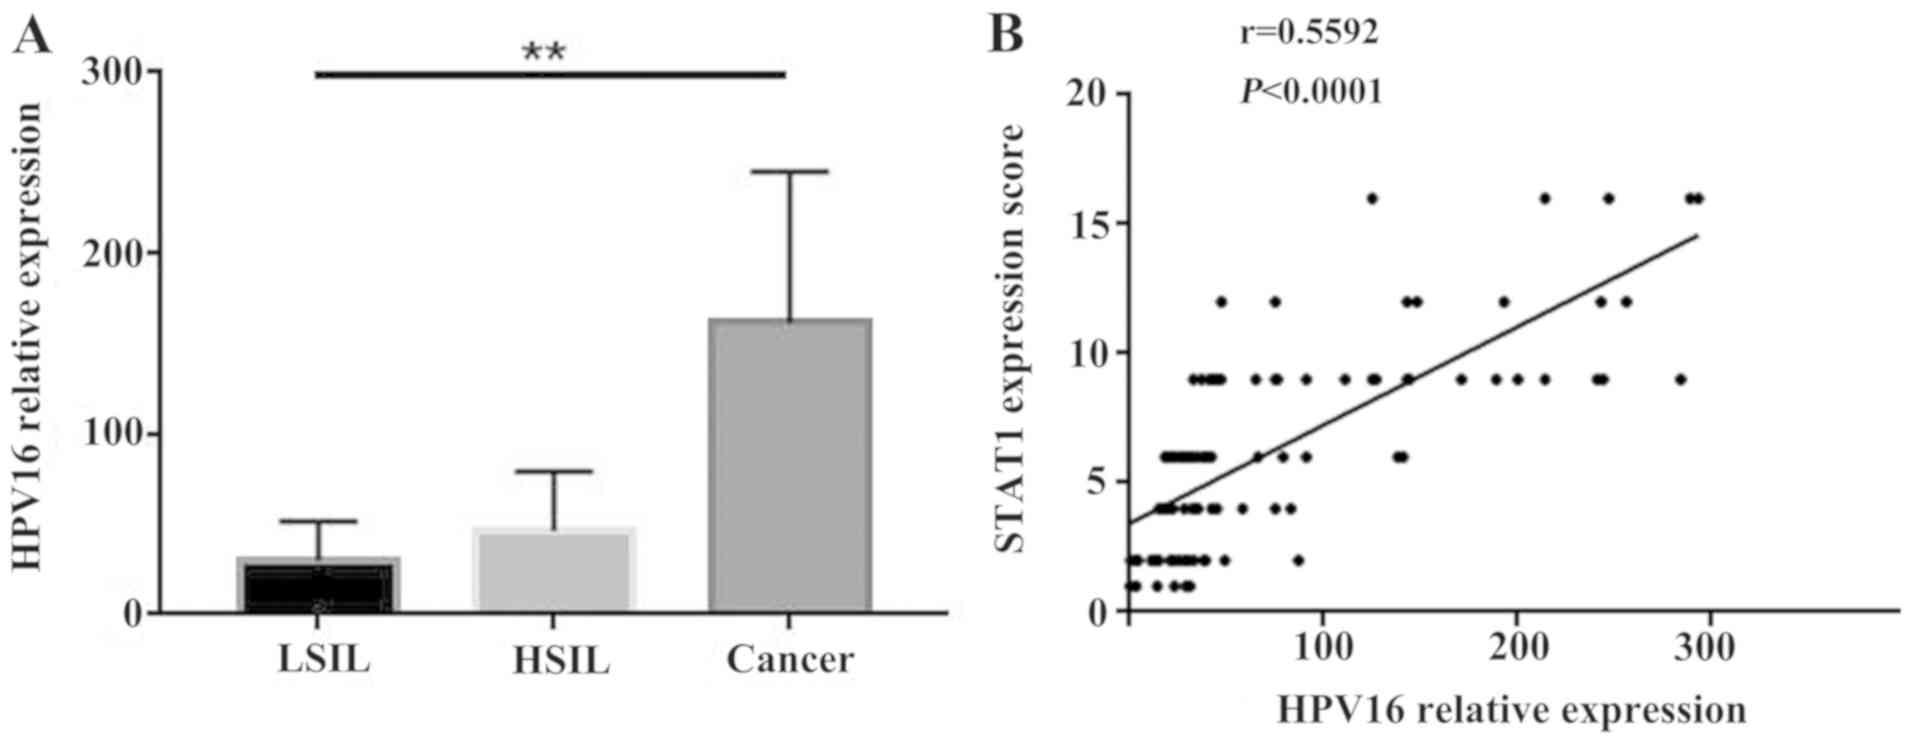 papillomavírus onkogén hpv 16 viaszméretek